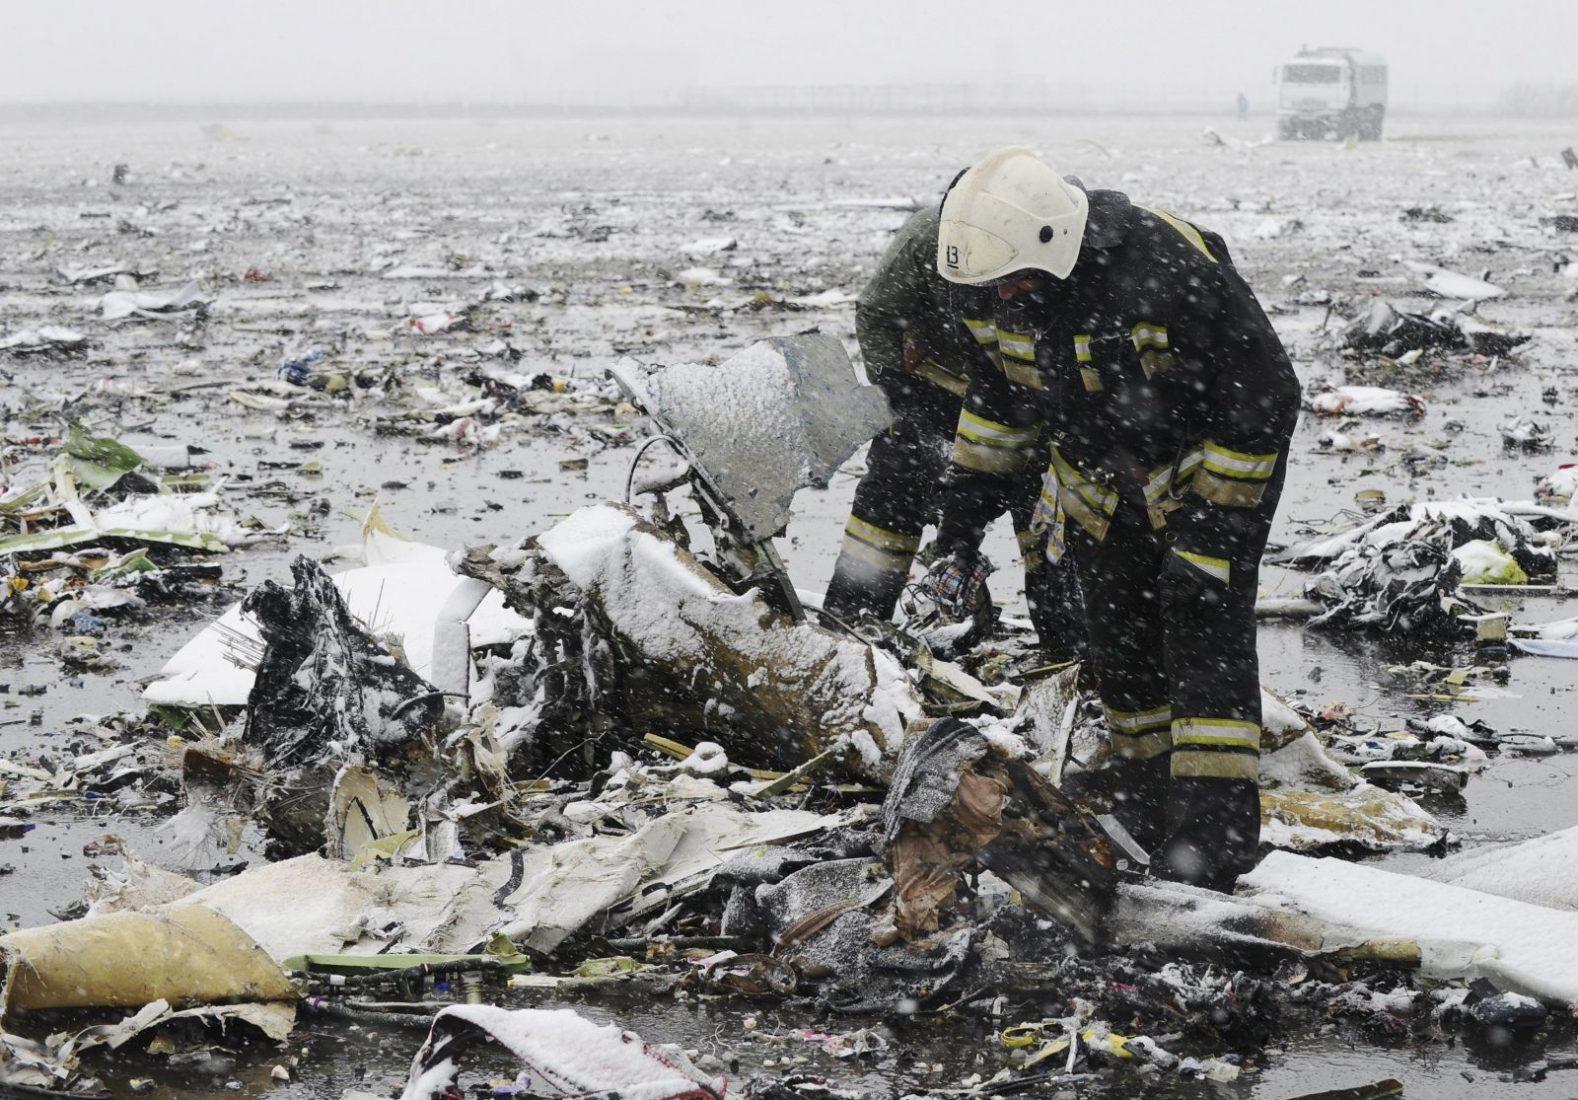 Дубай ростов на дону авиакатастрофа список очередь за квартирами в дубае